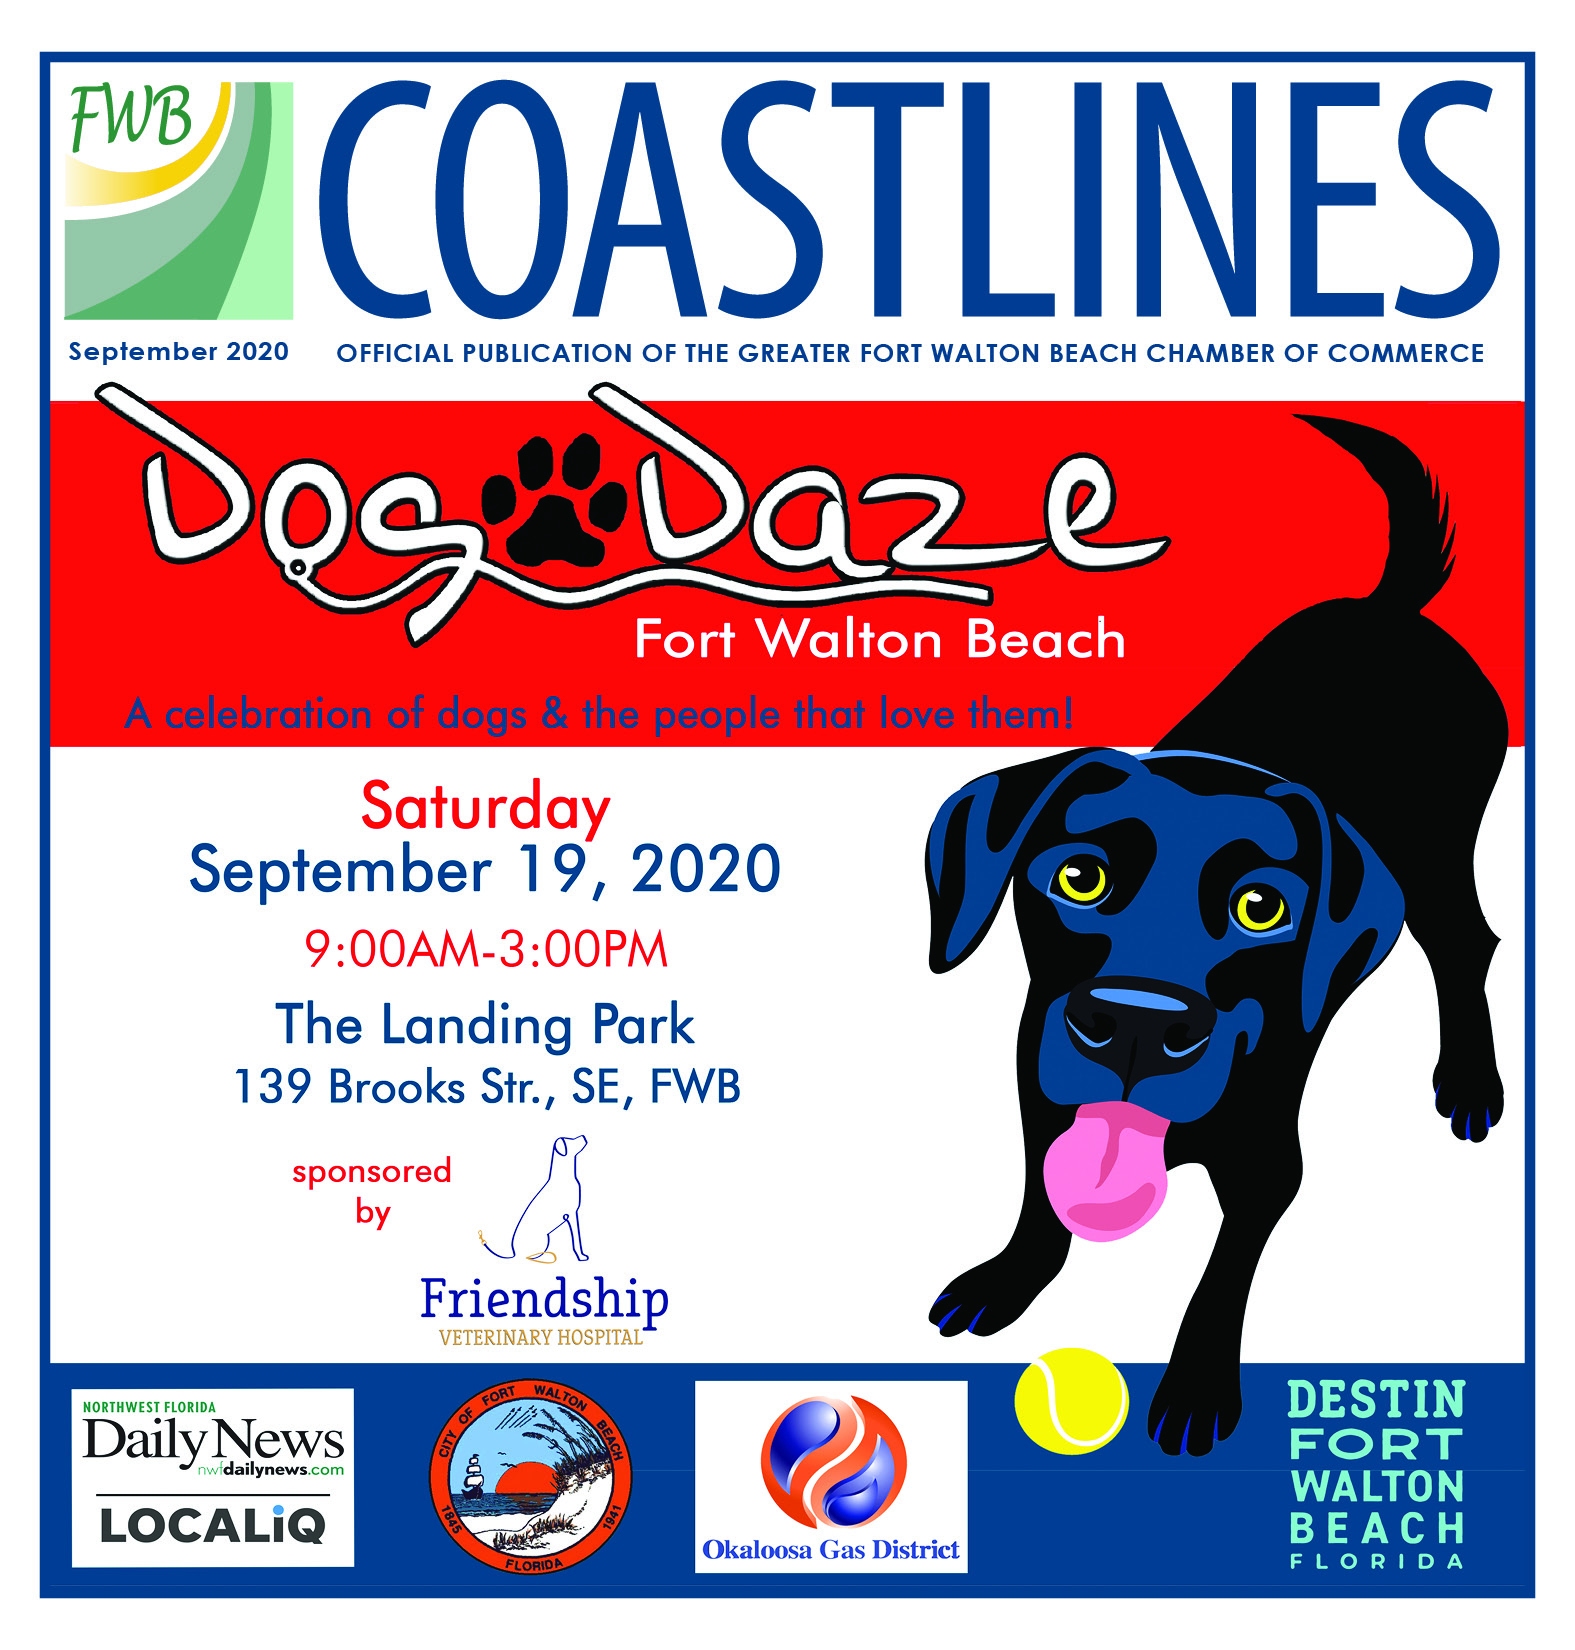 Coastlines-Placeholder-Sept-w1050.png